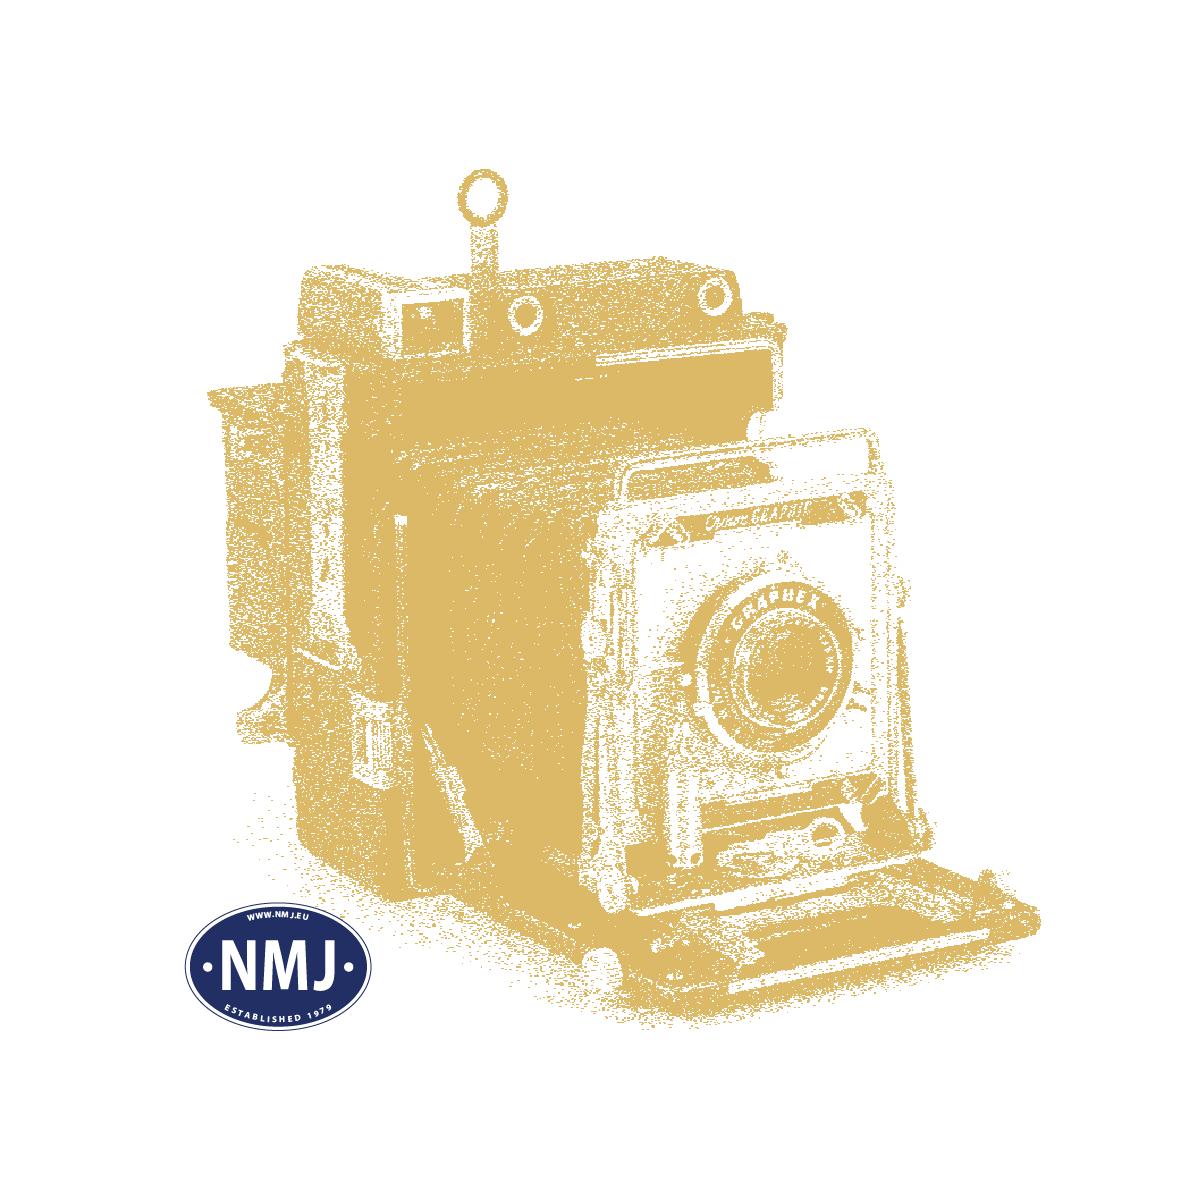 NMJT507.104 - NMJ Topline CargoNet Lgns 42 76 443 2413-4, AGA